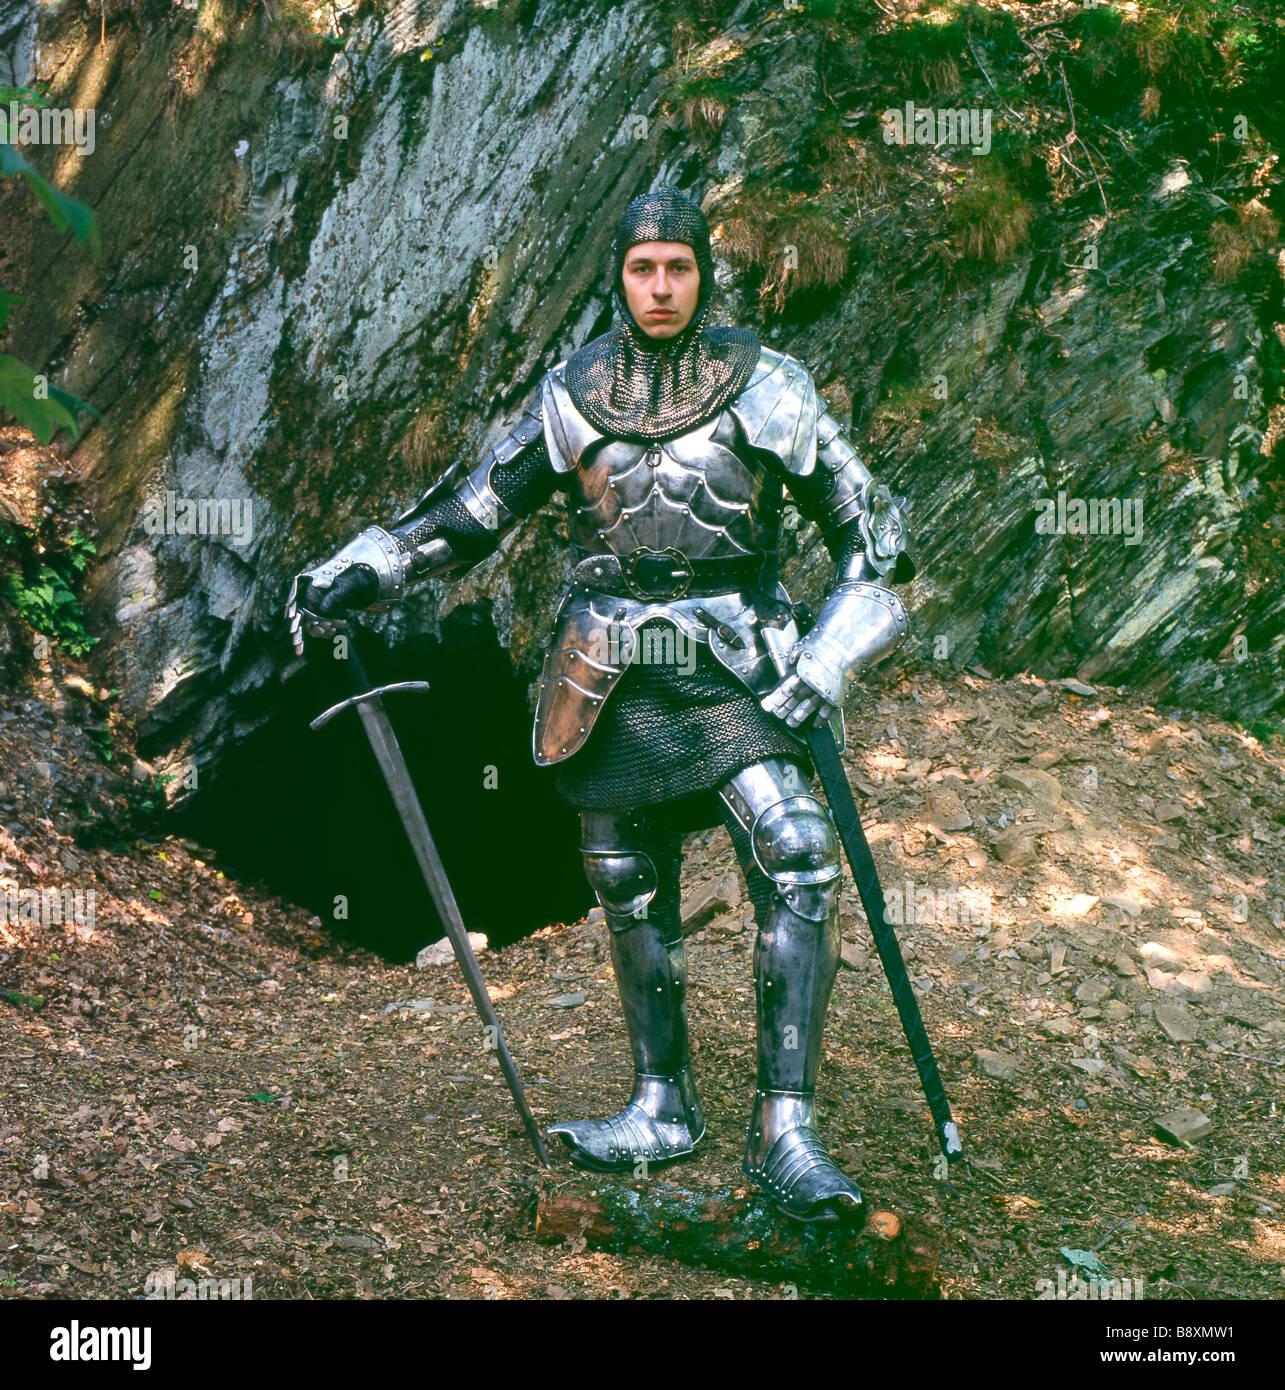 Cavaliere medievale in armatura scintillante con la spada Wales UK KATHY DEWITT Immagini Stock